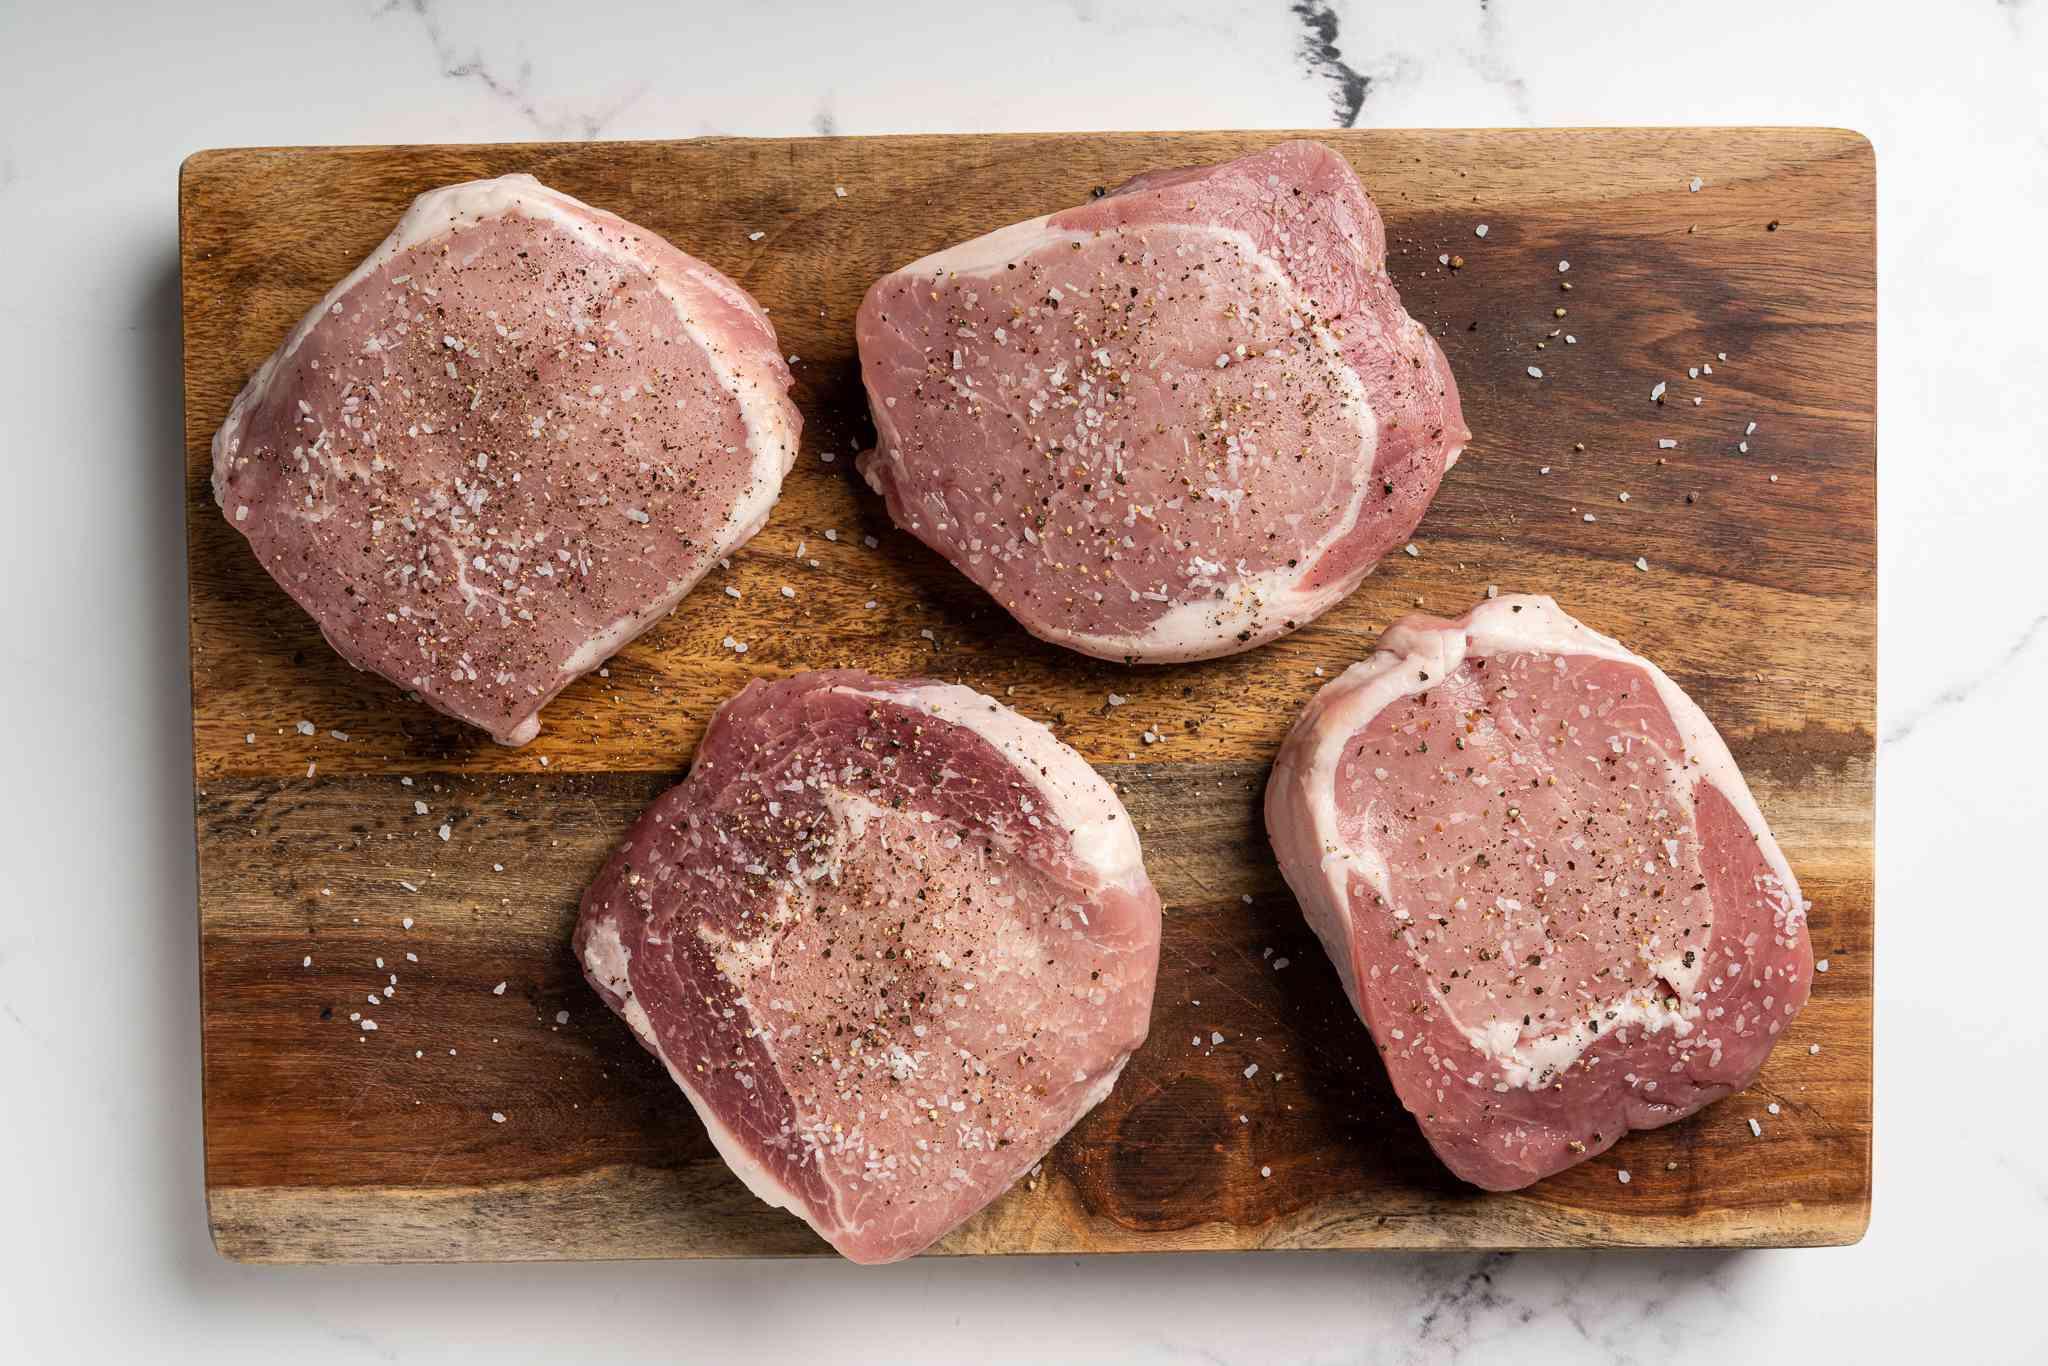 season pork chops on the wood cutting board